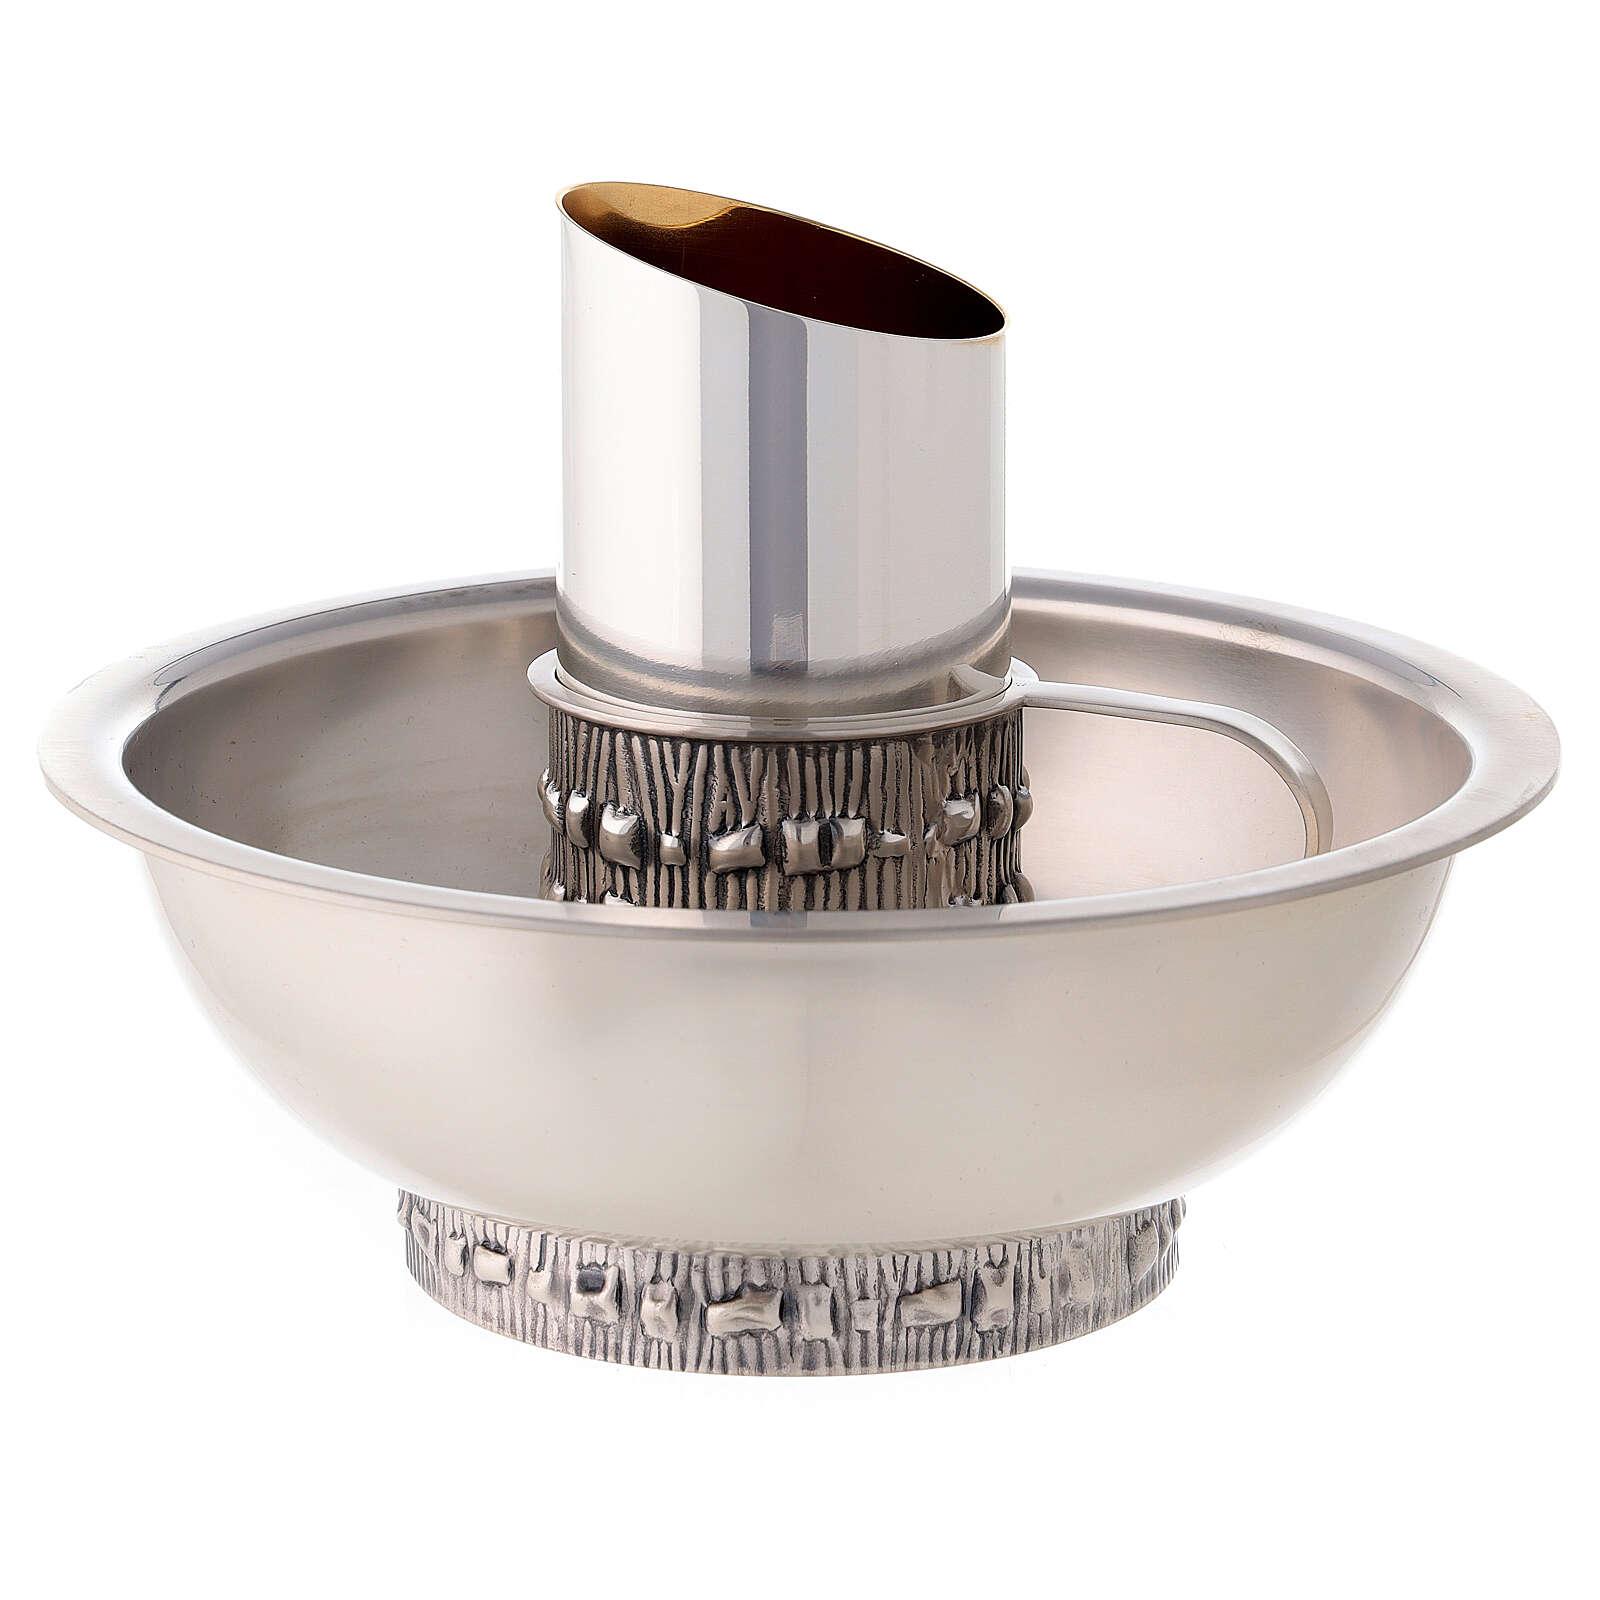 Brocca manutergio Molina con piatto ottone argentato 3